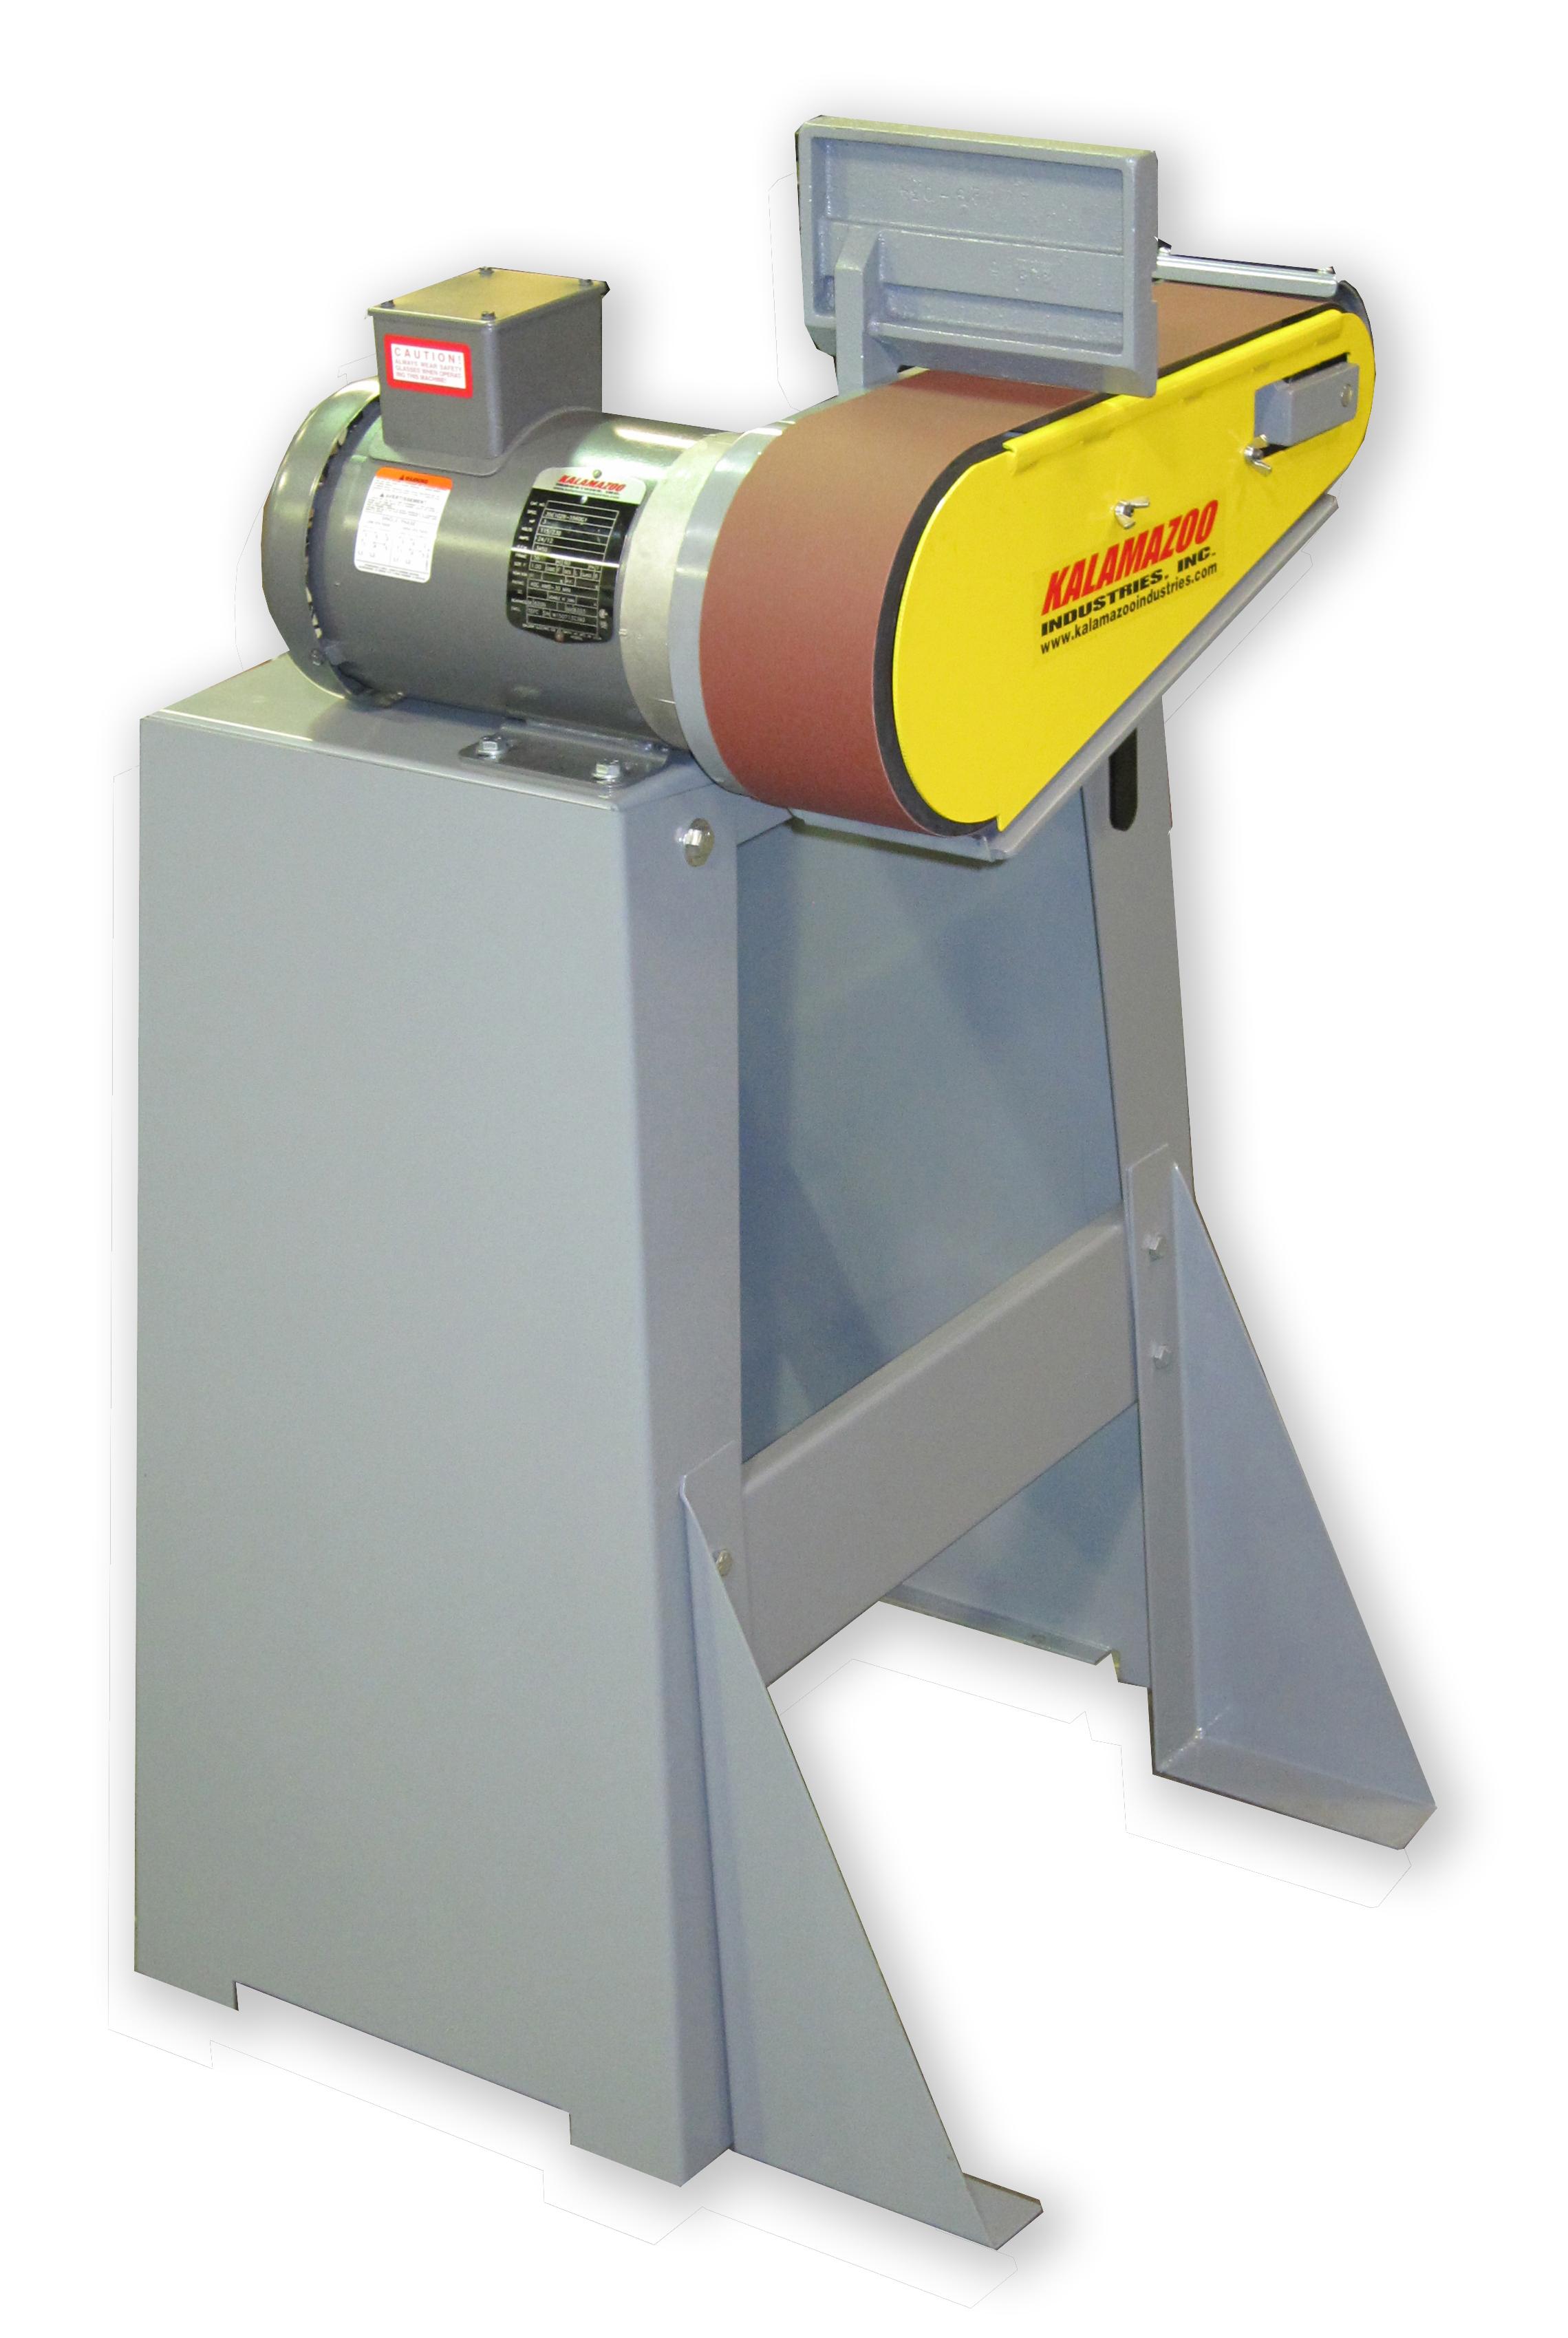 BG448 4 x 48 Inch Multipurpose Belt Grinder, multipurpose belt grinder, grinder, 4 x 48 inch multipurpose belt grinder, metal removal